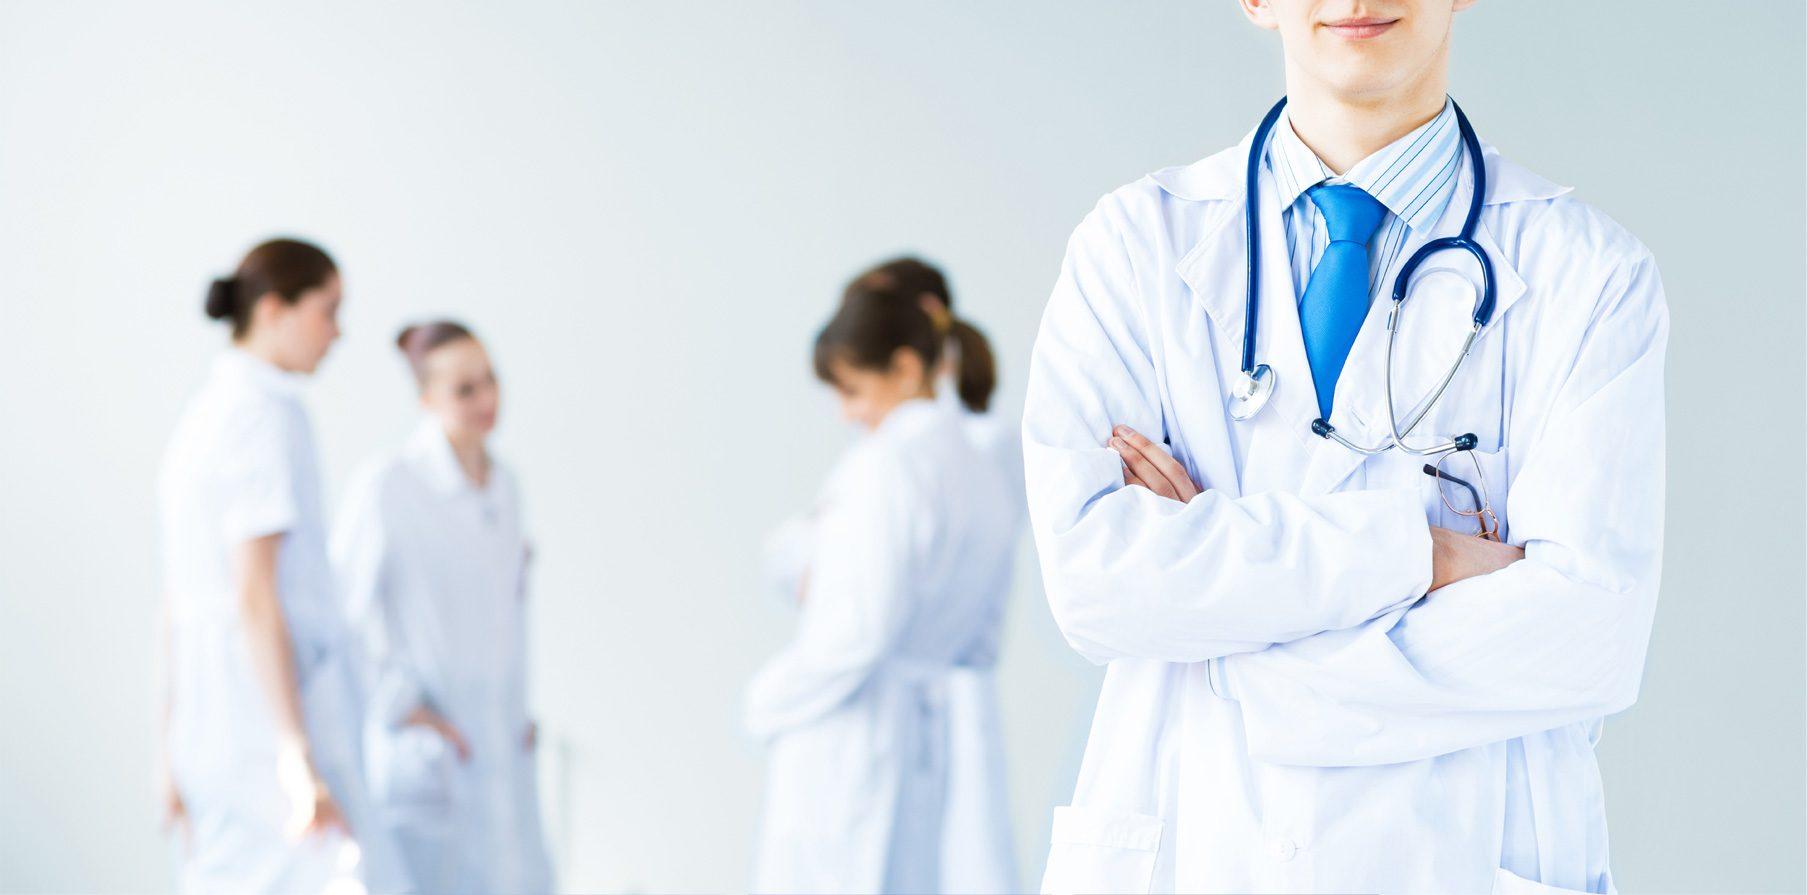 لیست پزشکان> وب سایت پزشک آدرس